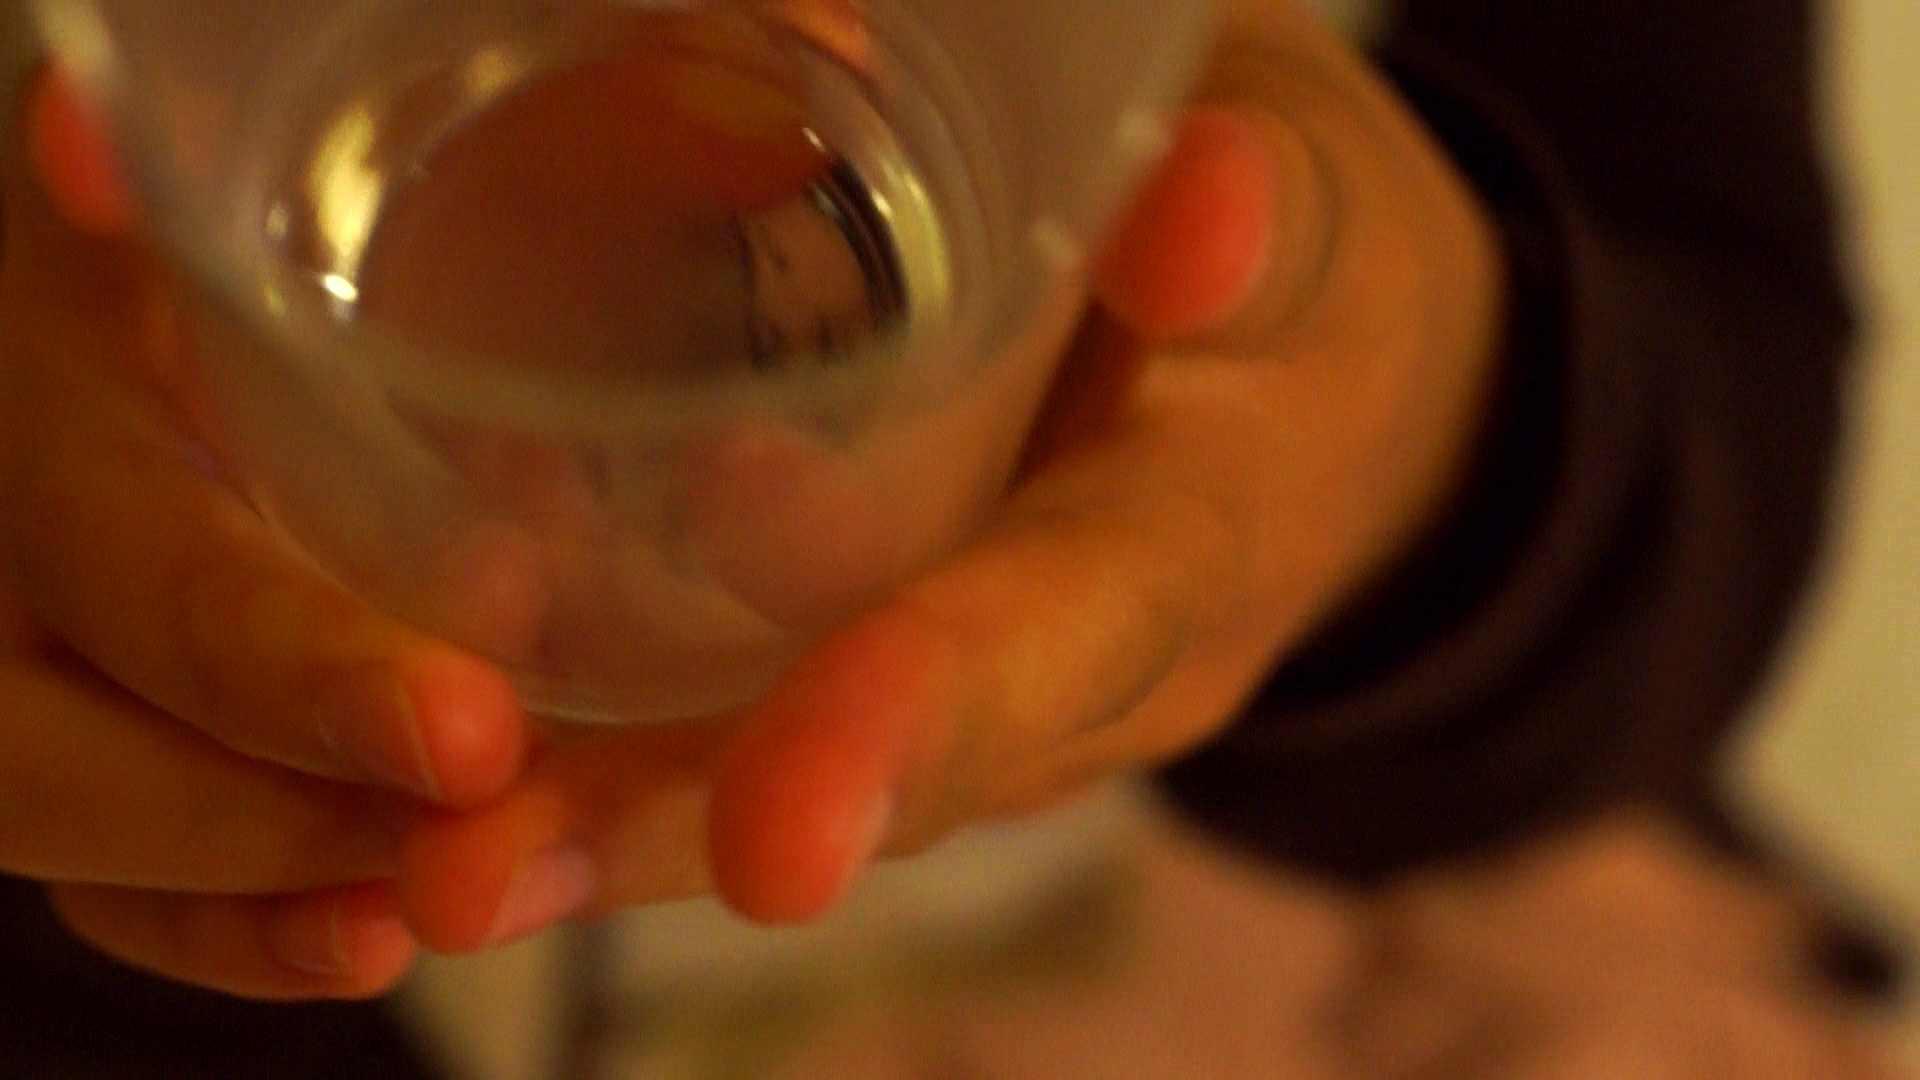 vol.12 瑞希ちゃんにコップを舐めてもらいました。 OLヌード天国  51PIX 50